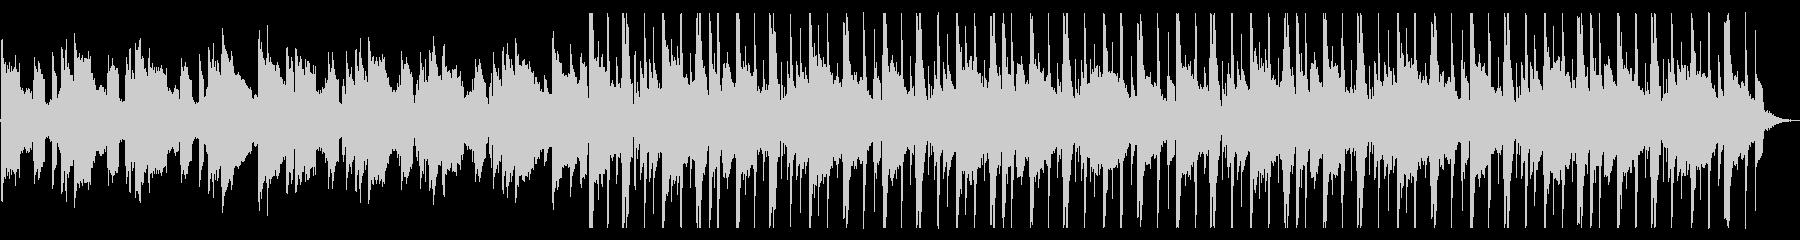 溶けそうなR&B_No635_3の未再生の波形